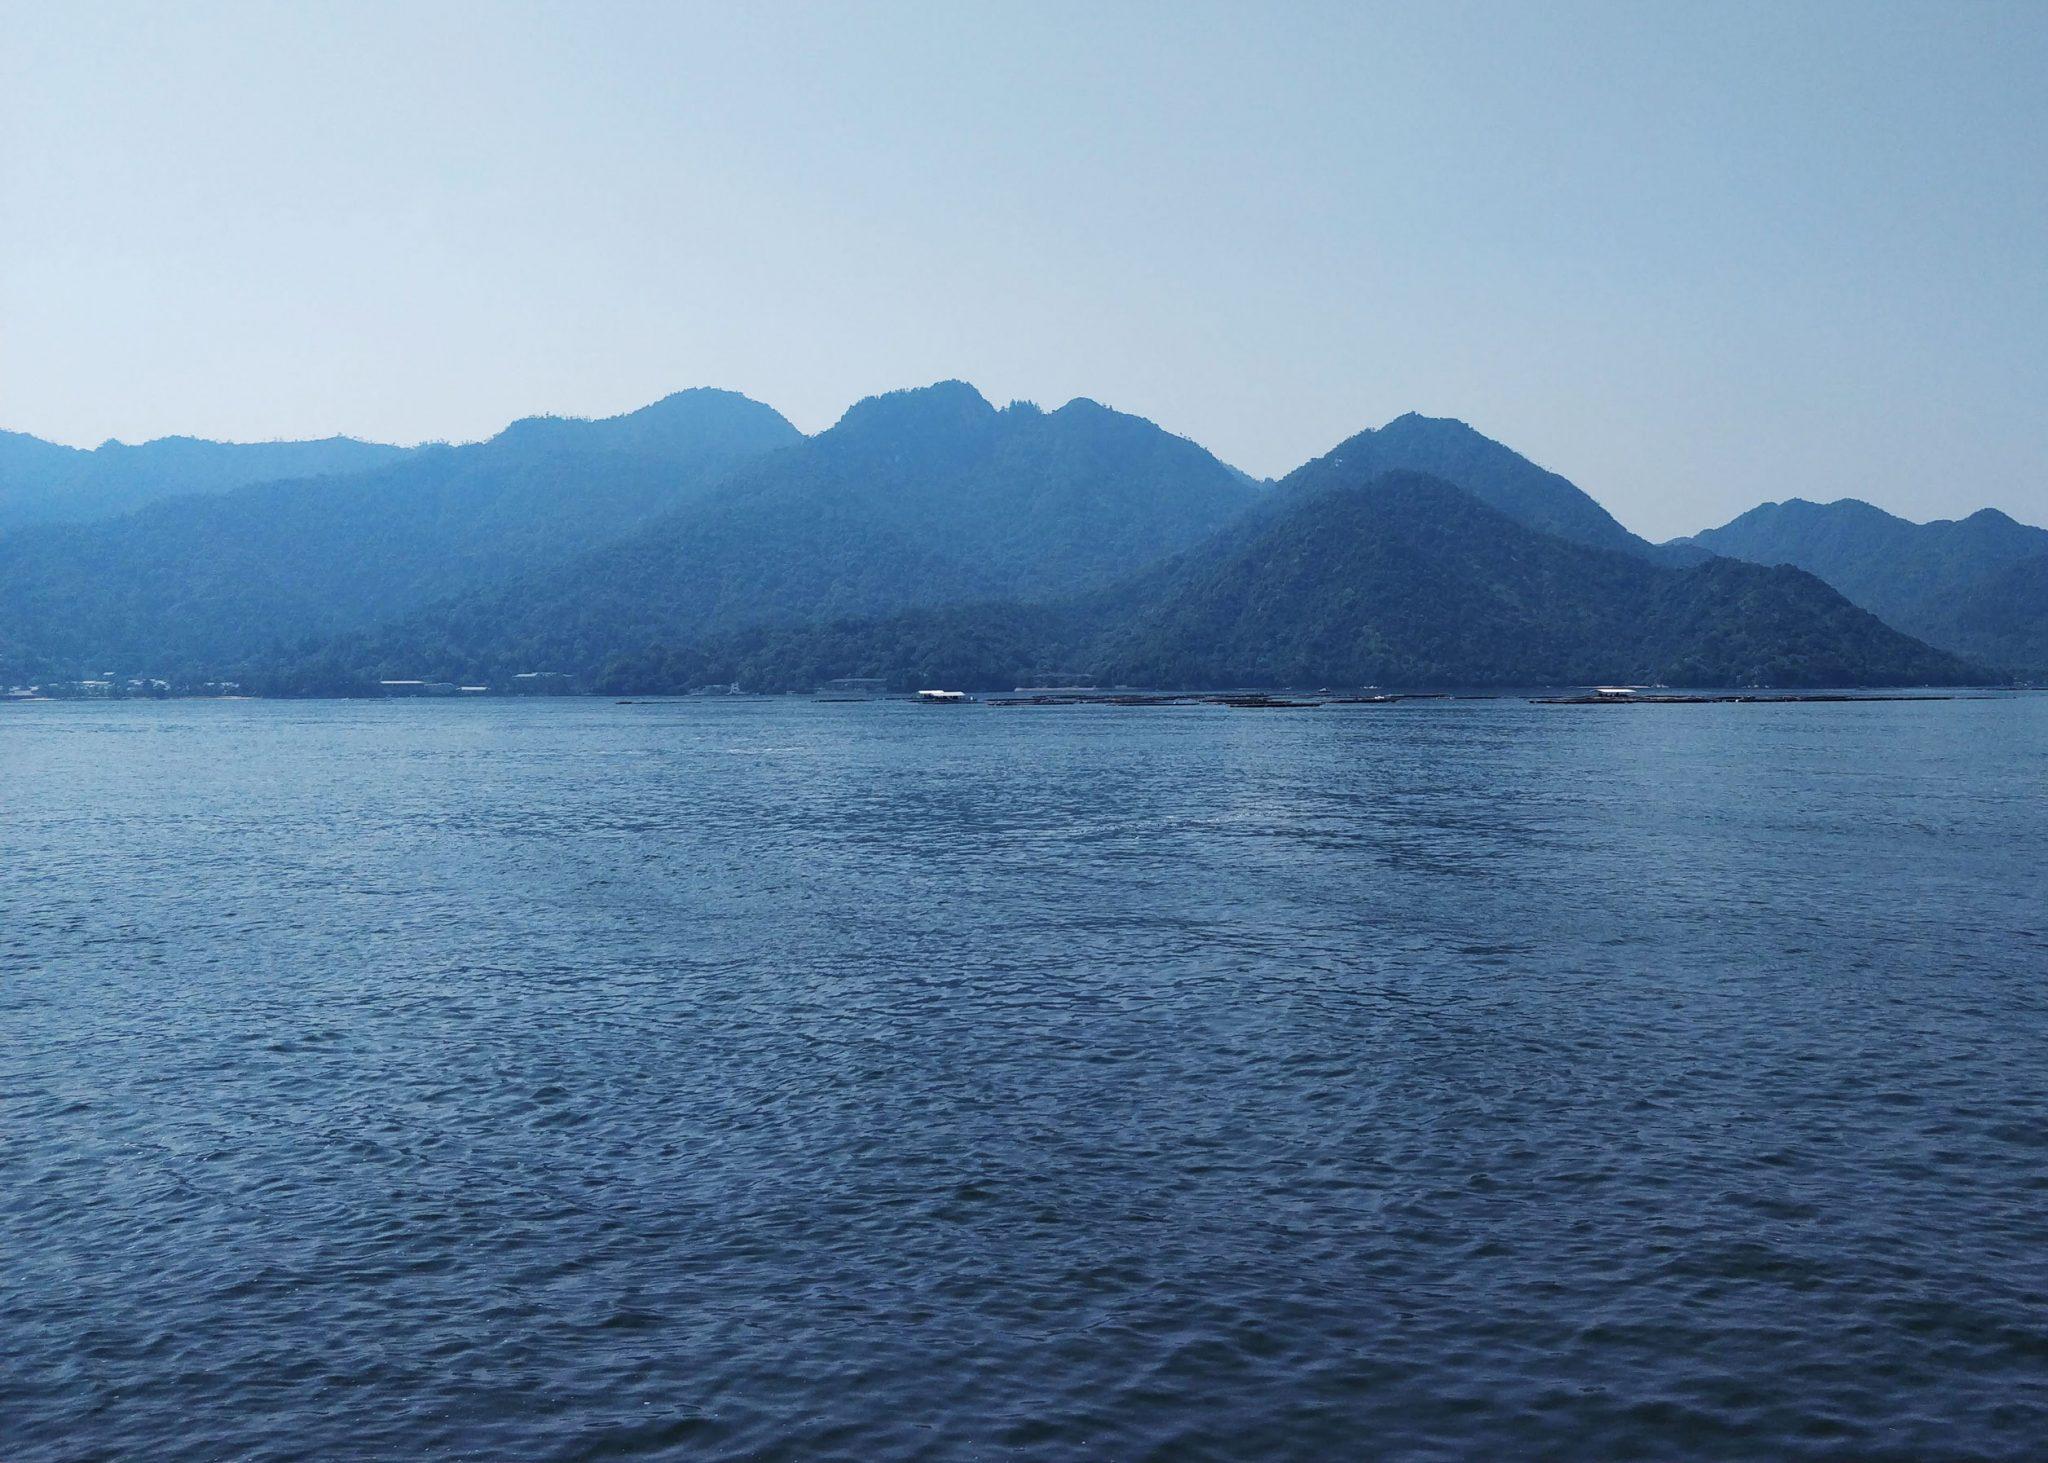 Meri ja vuoristoisia saaria